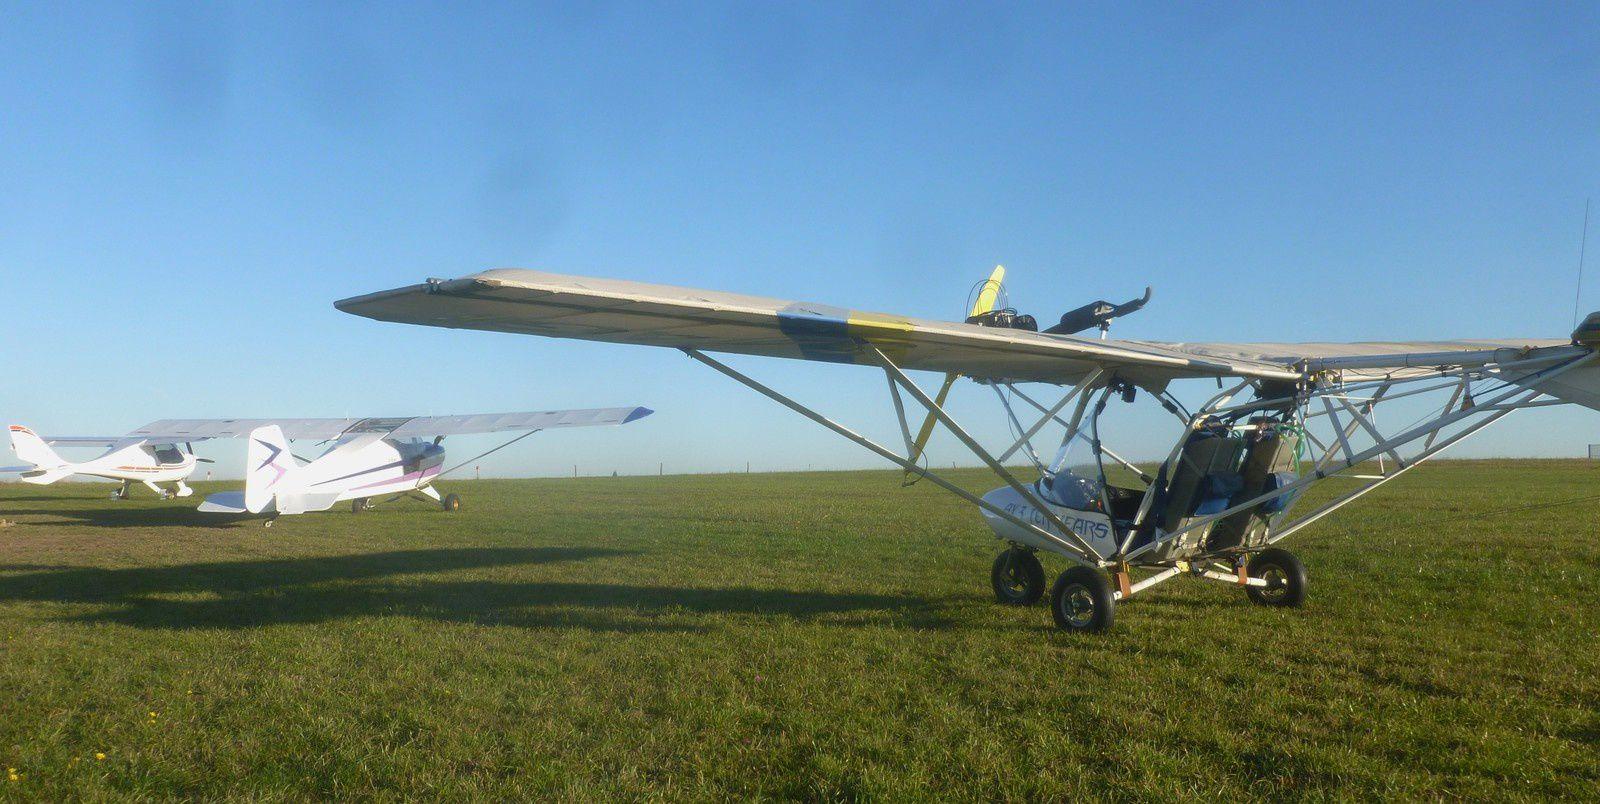 Les pilotes de Saverne-Steinbourg nous rendent visite